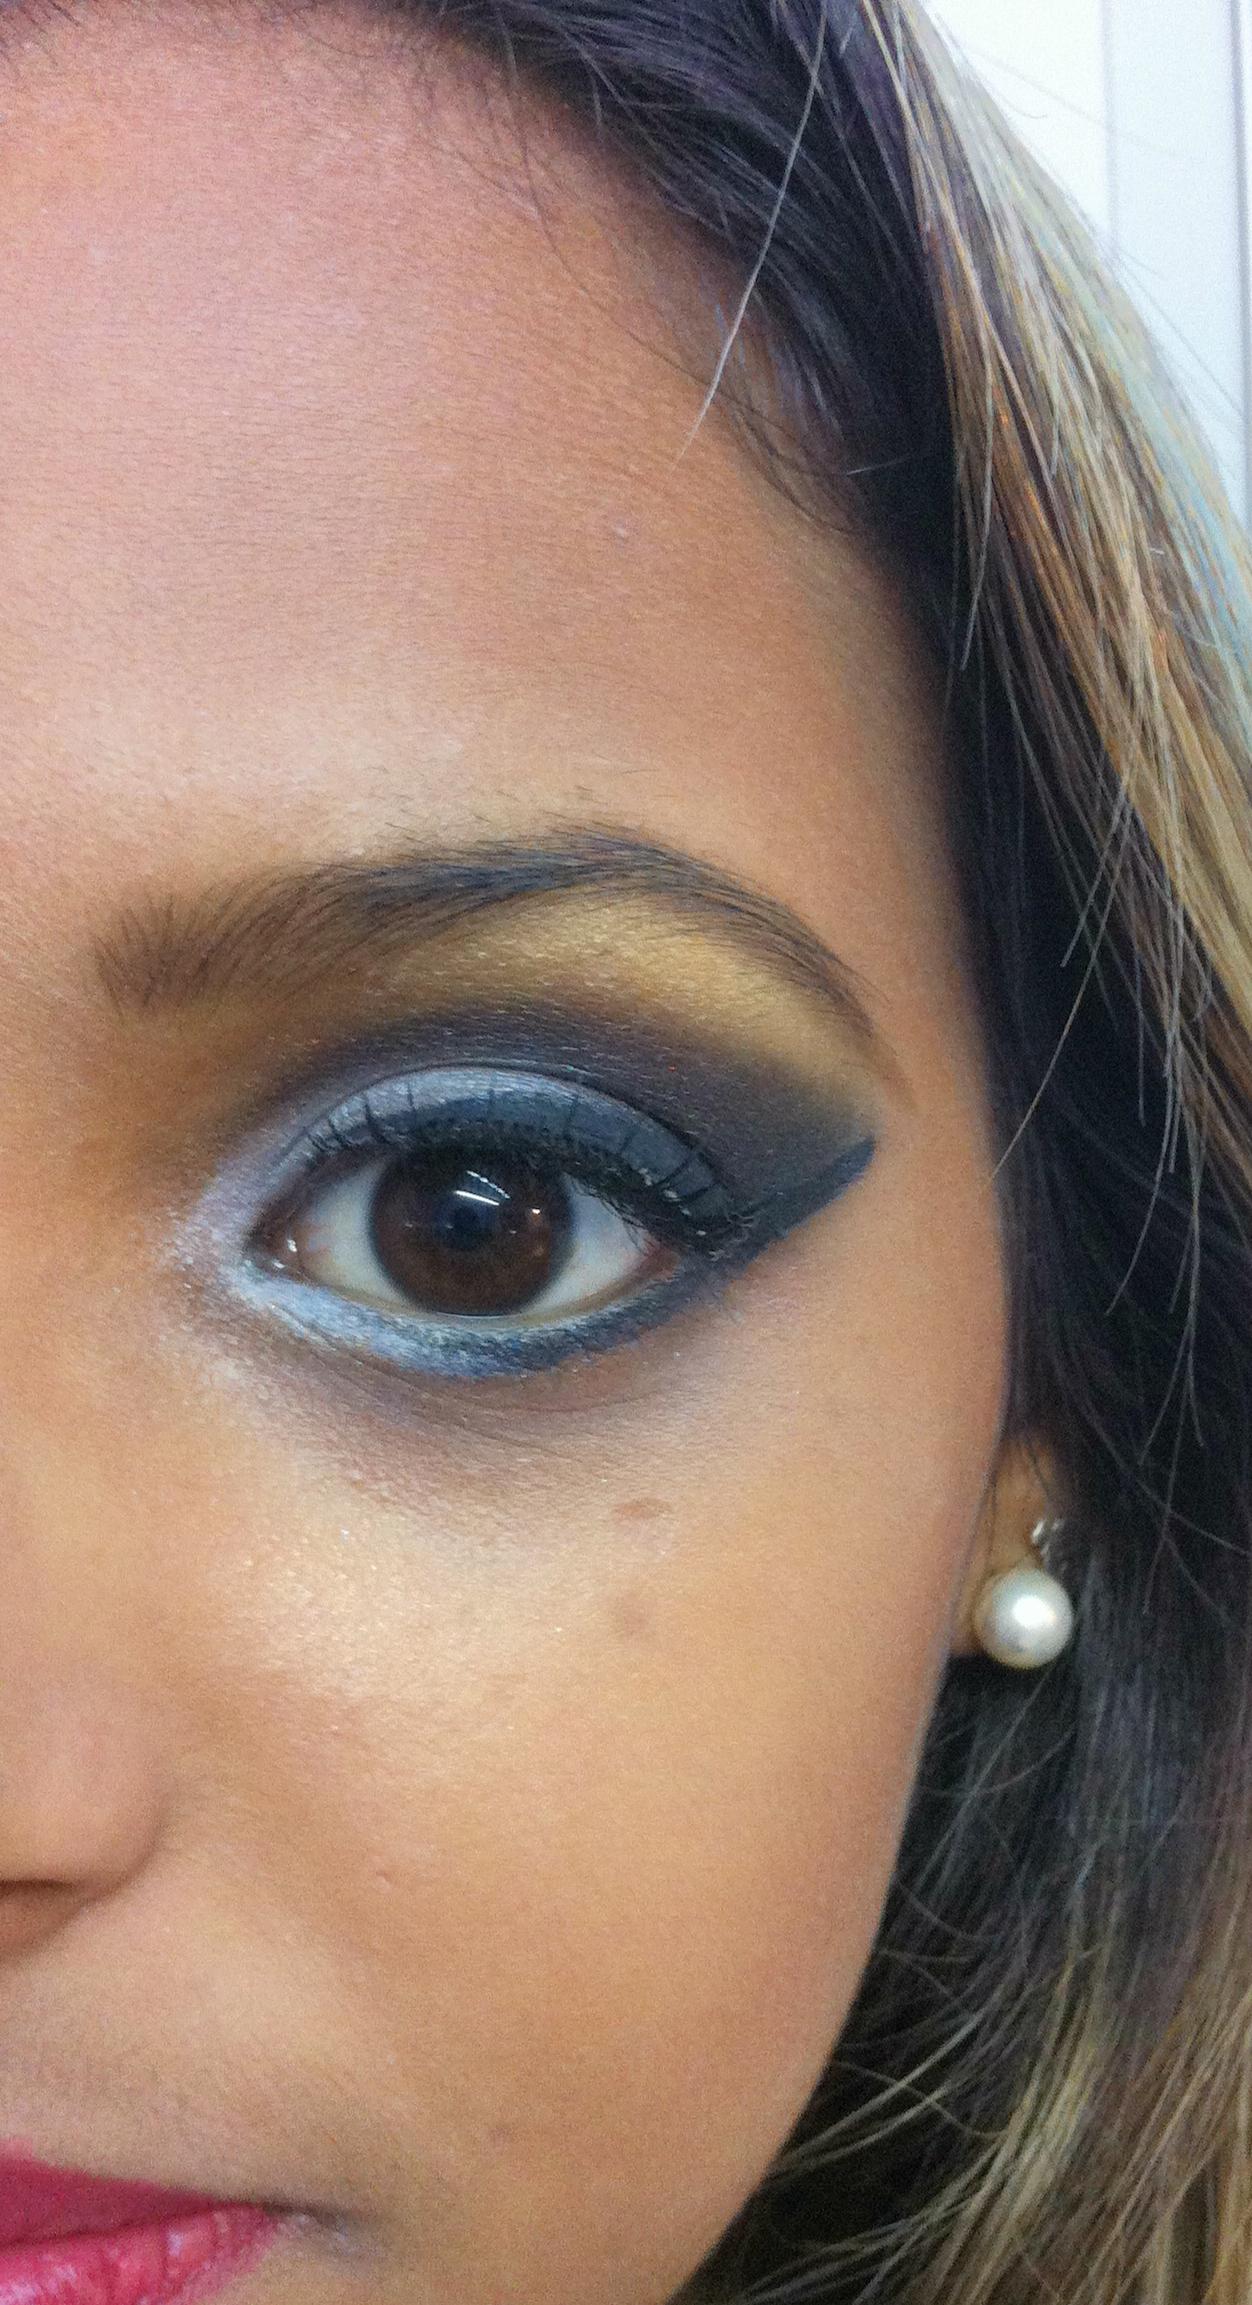 Maquiagem para balada Veja mais no meu Blog Vaidosas de Batom:  www.vaidosasdebatom.com maquiagem maquiador(a) docente / professor(a)